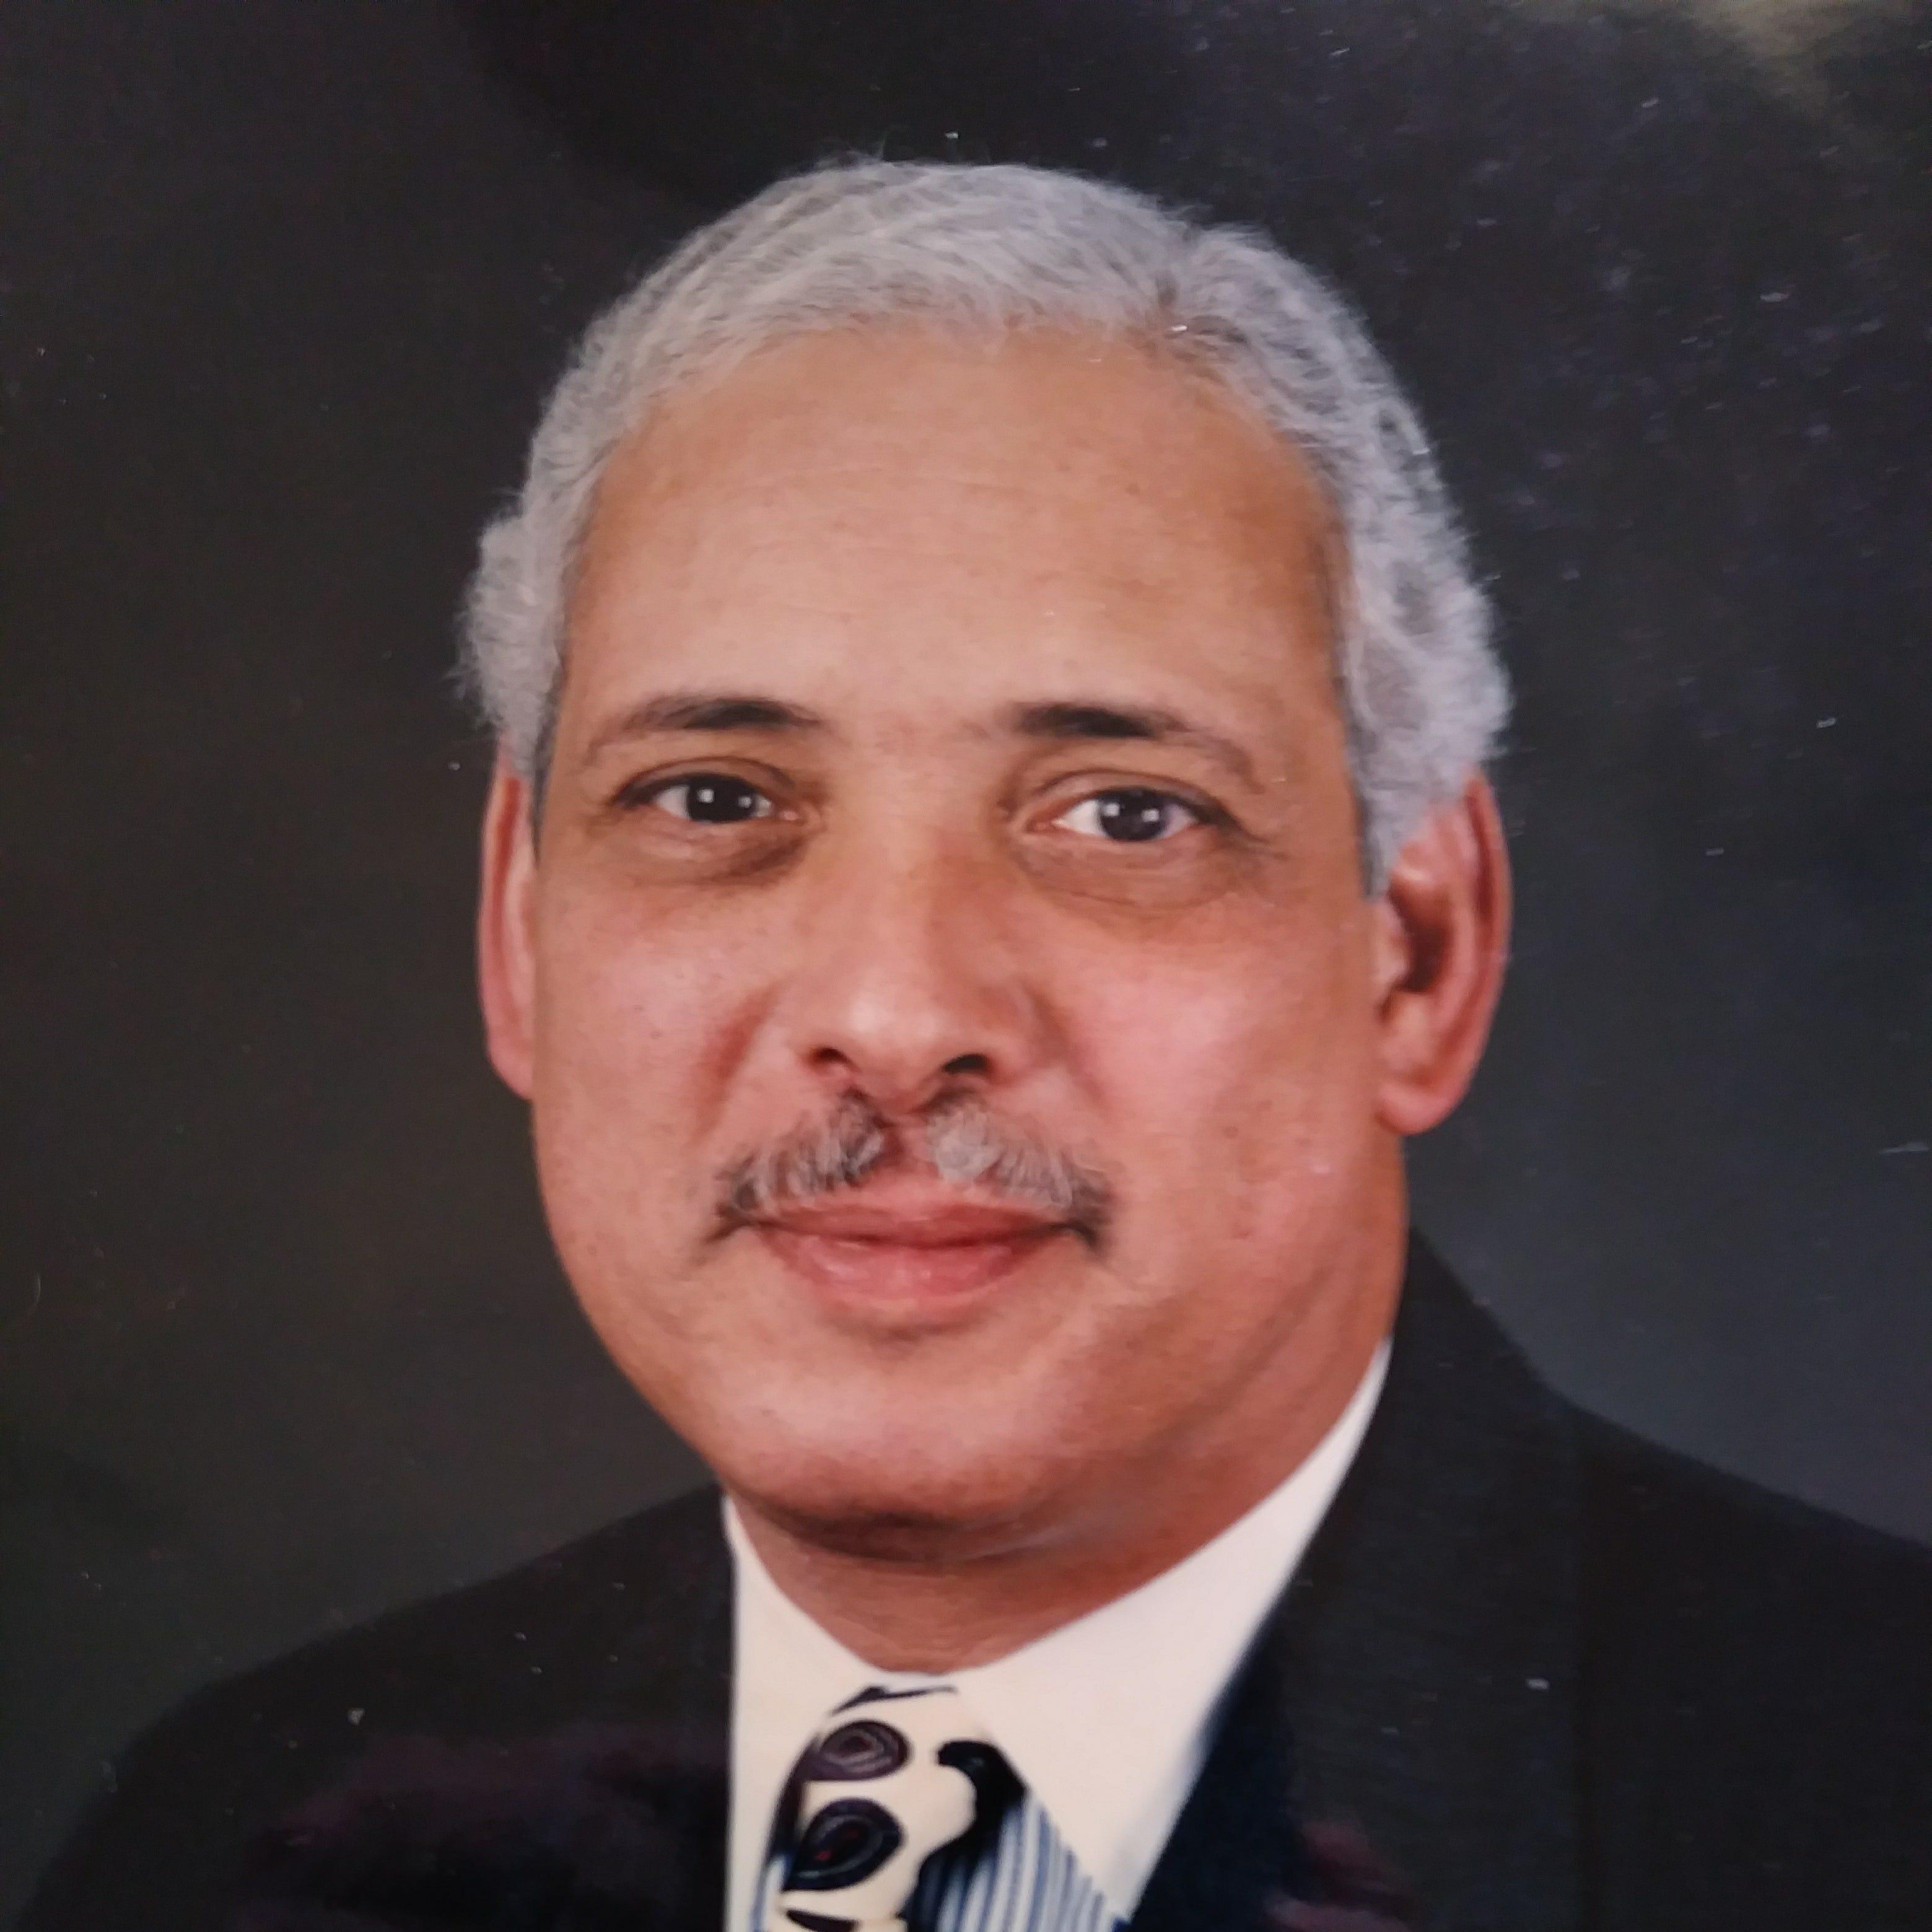 FBI mafia hunter, NYPD commissioner John Pritchard dead at 75